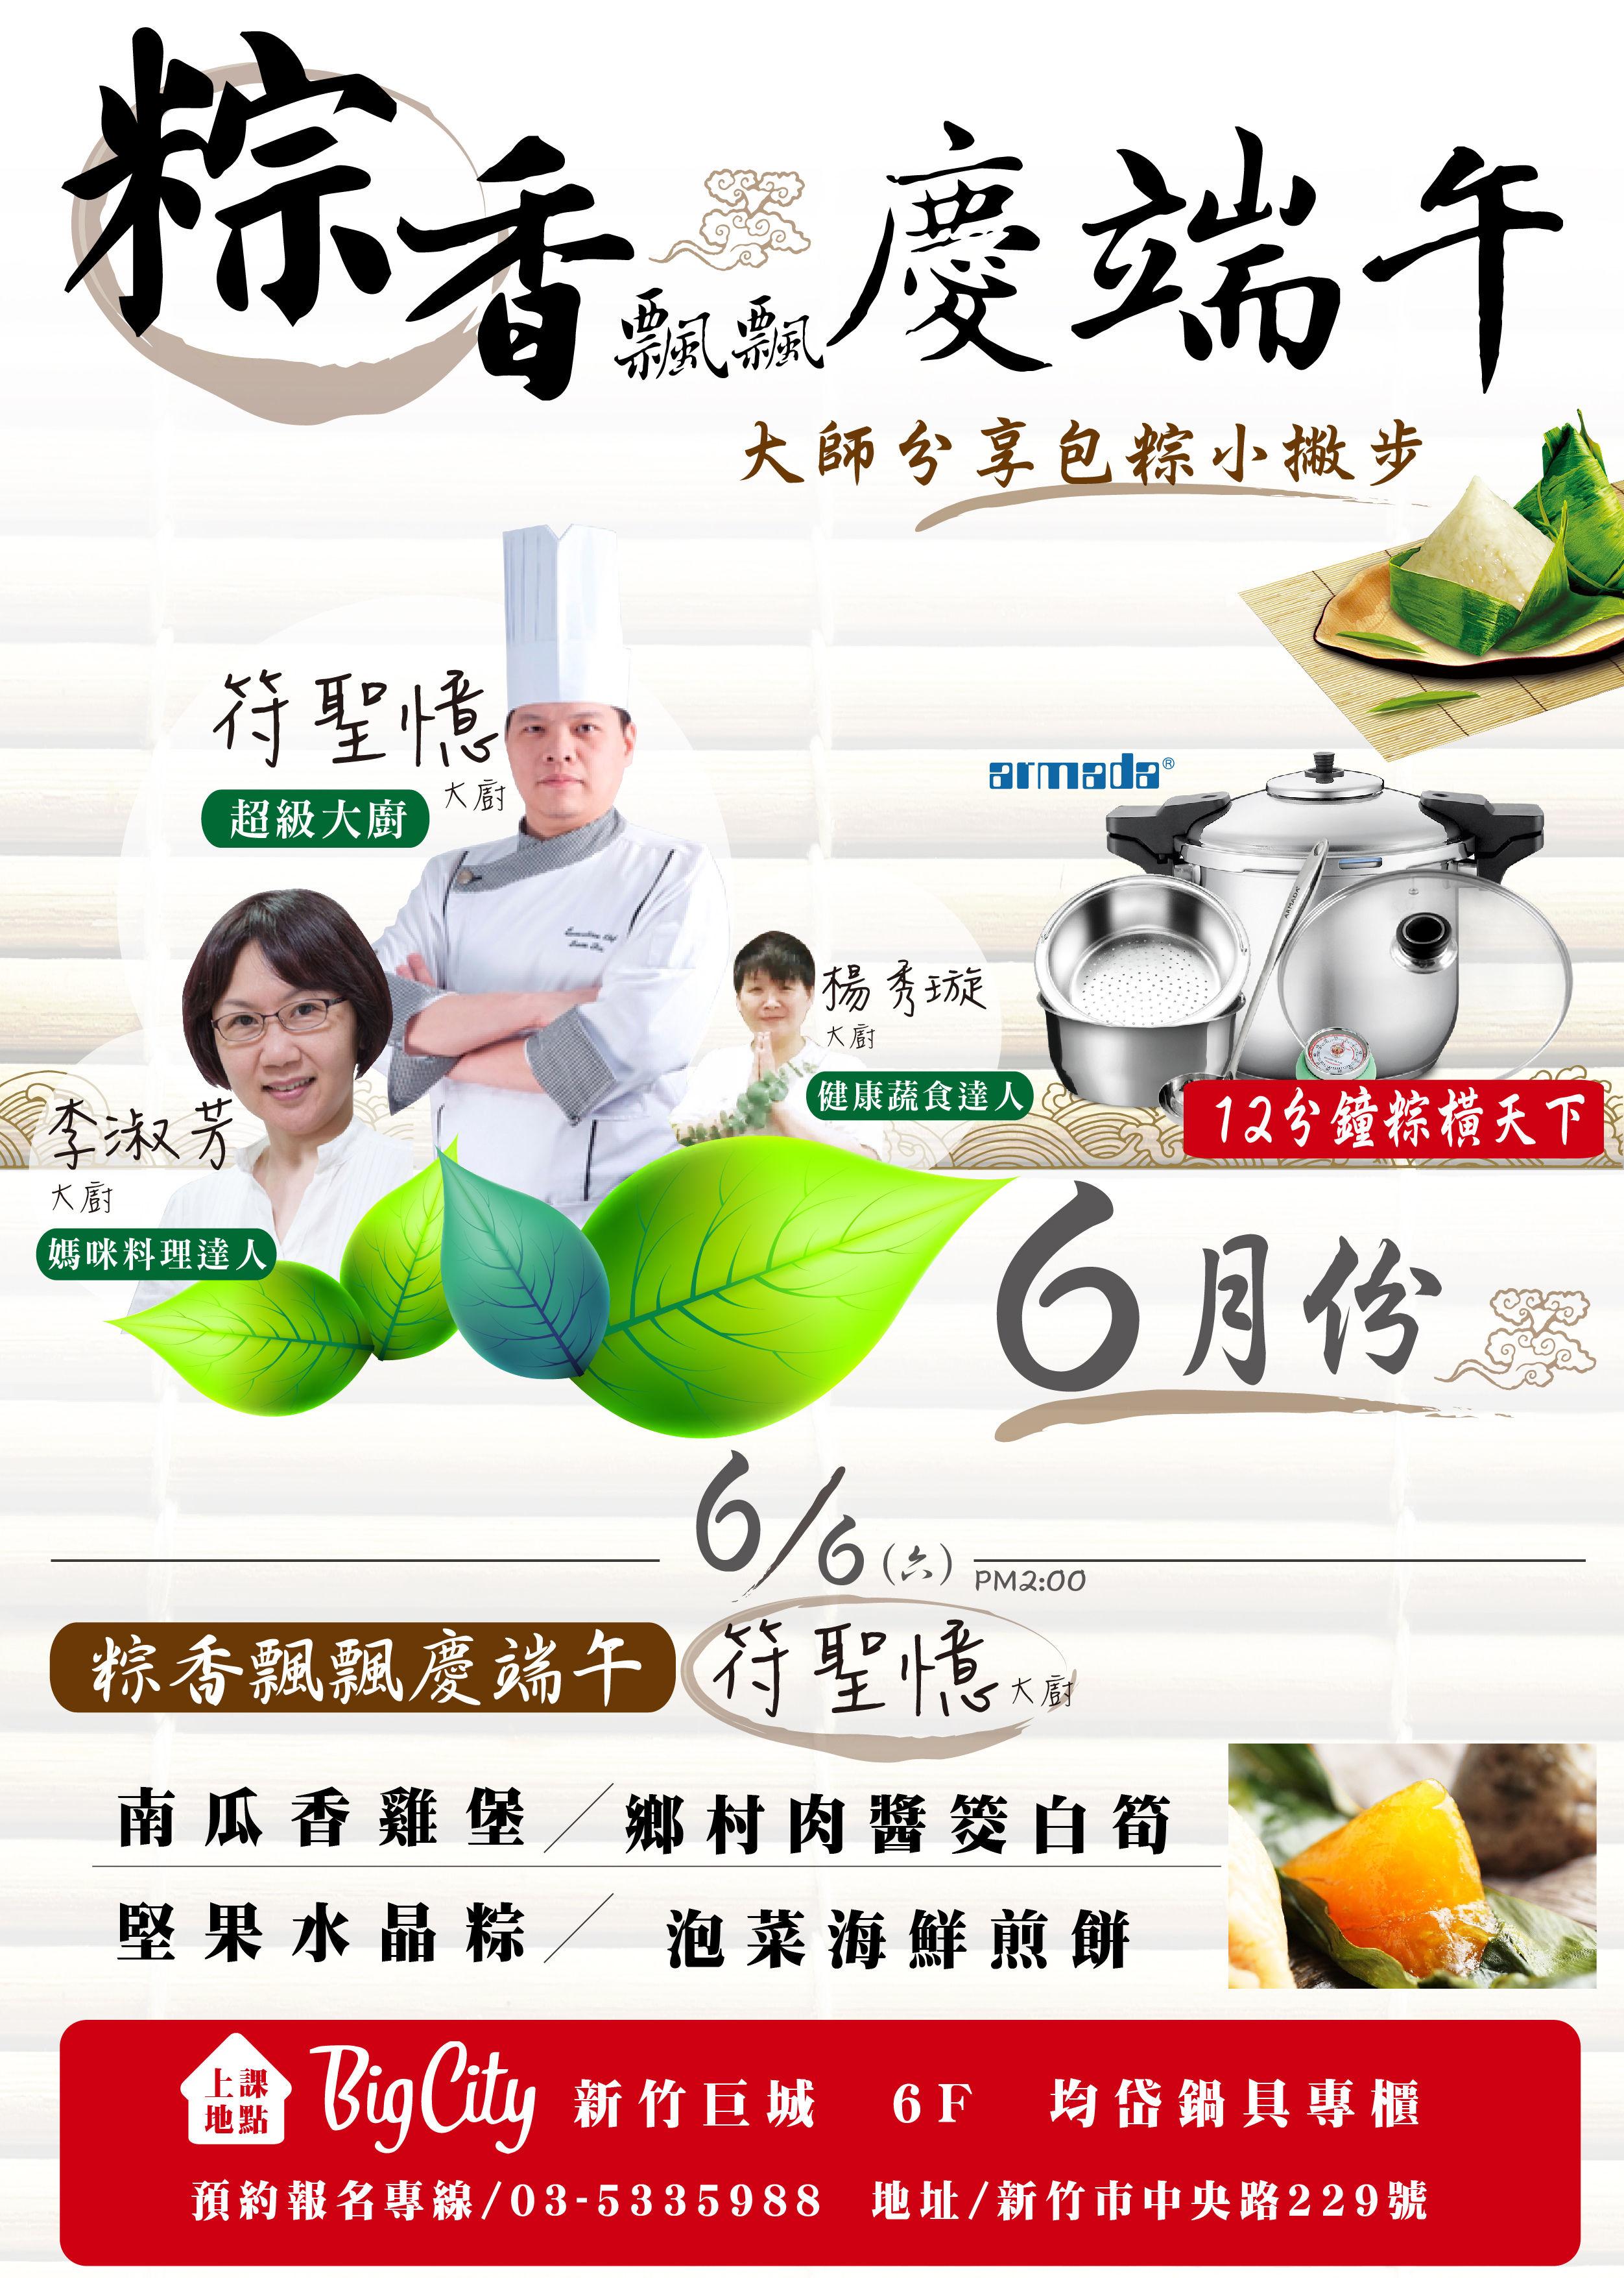 201506端午節 粽香飄飄慶端午